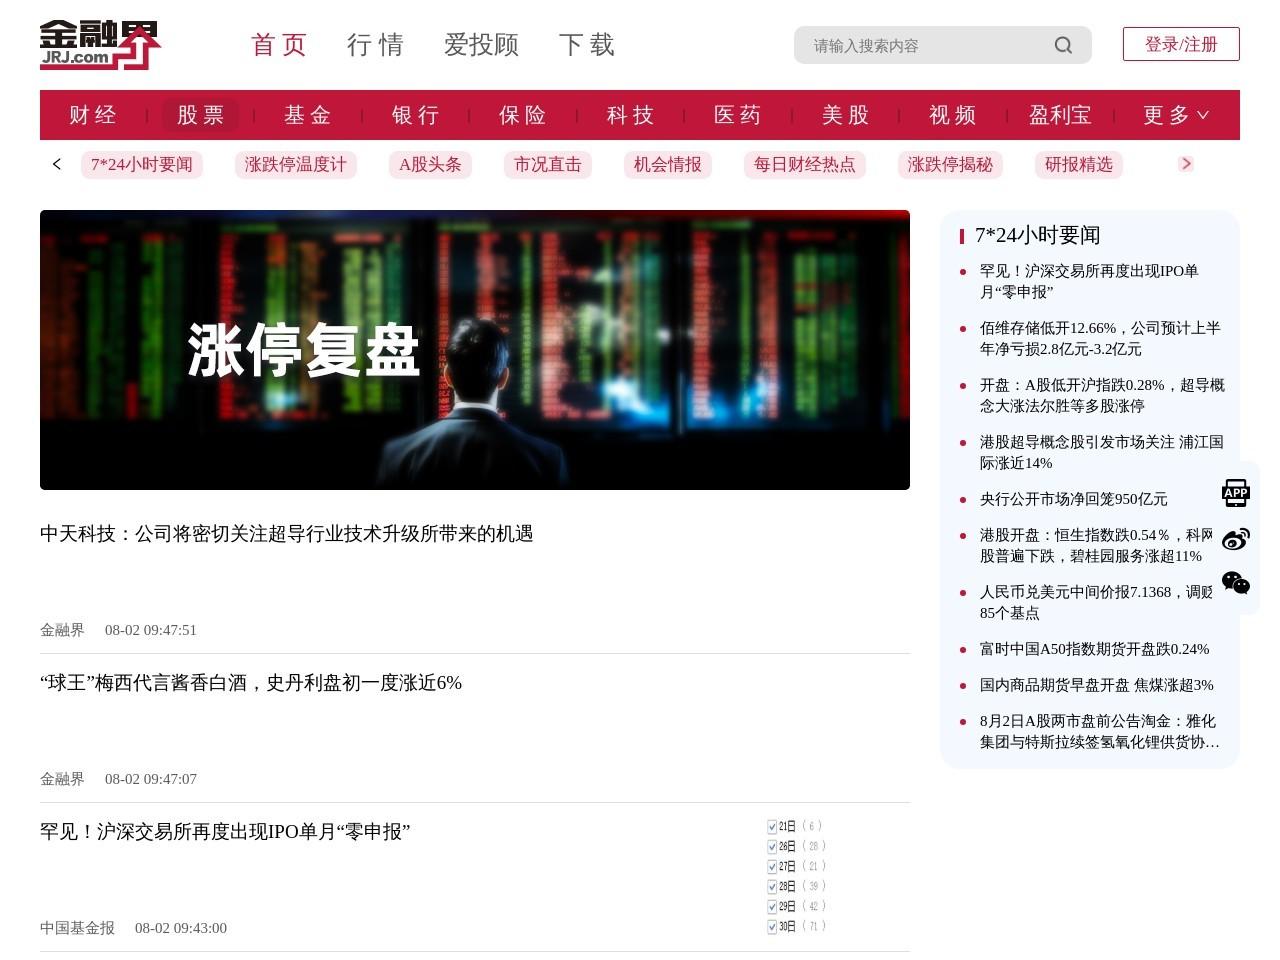 晋控煤业(601001)龙虎榜单-行情中心-股票频道-金融界